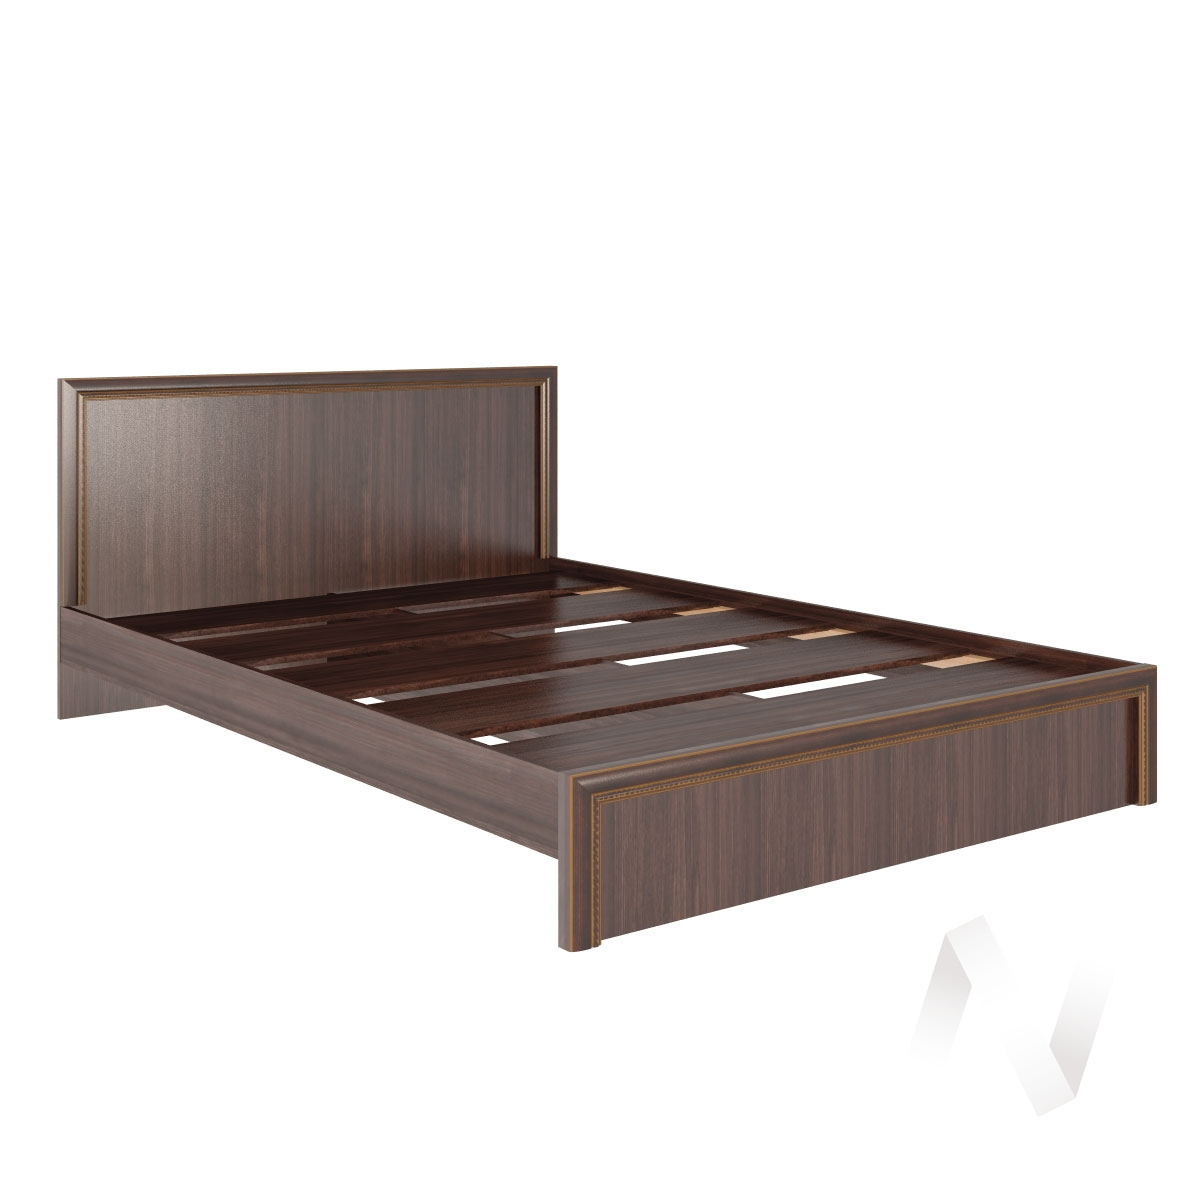 Кровать стандарт 1,6 Спальня М06 Беатрис (орех гепланкт)